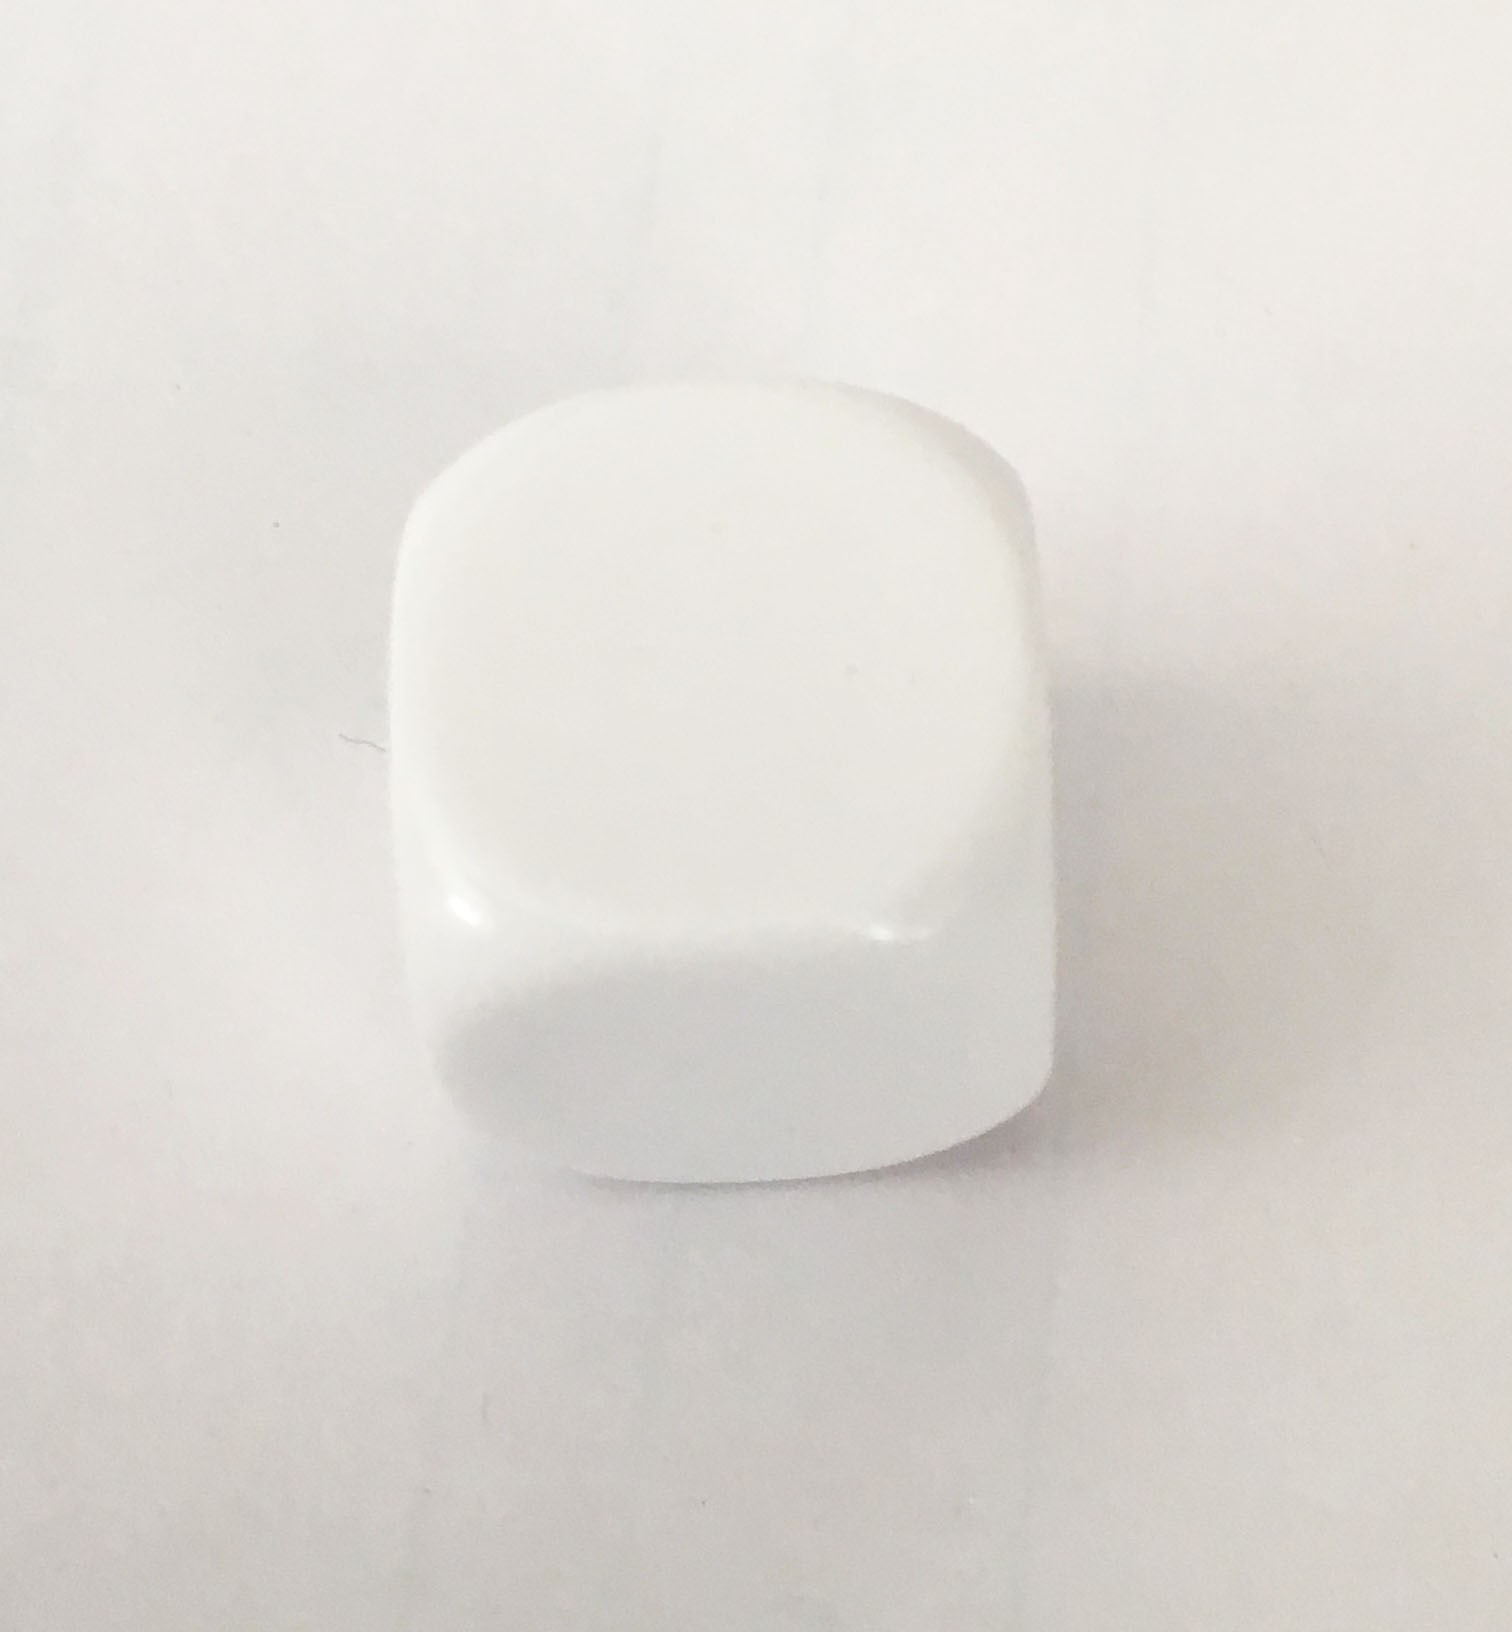 14mm blank white die